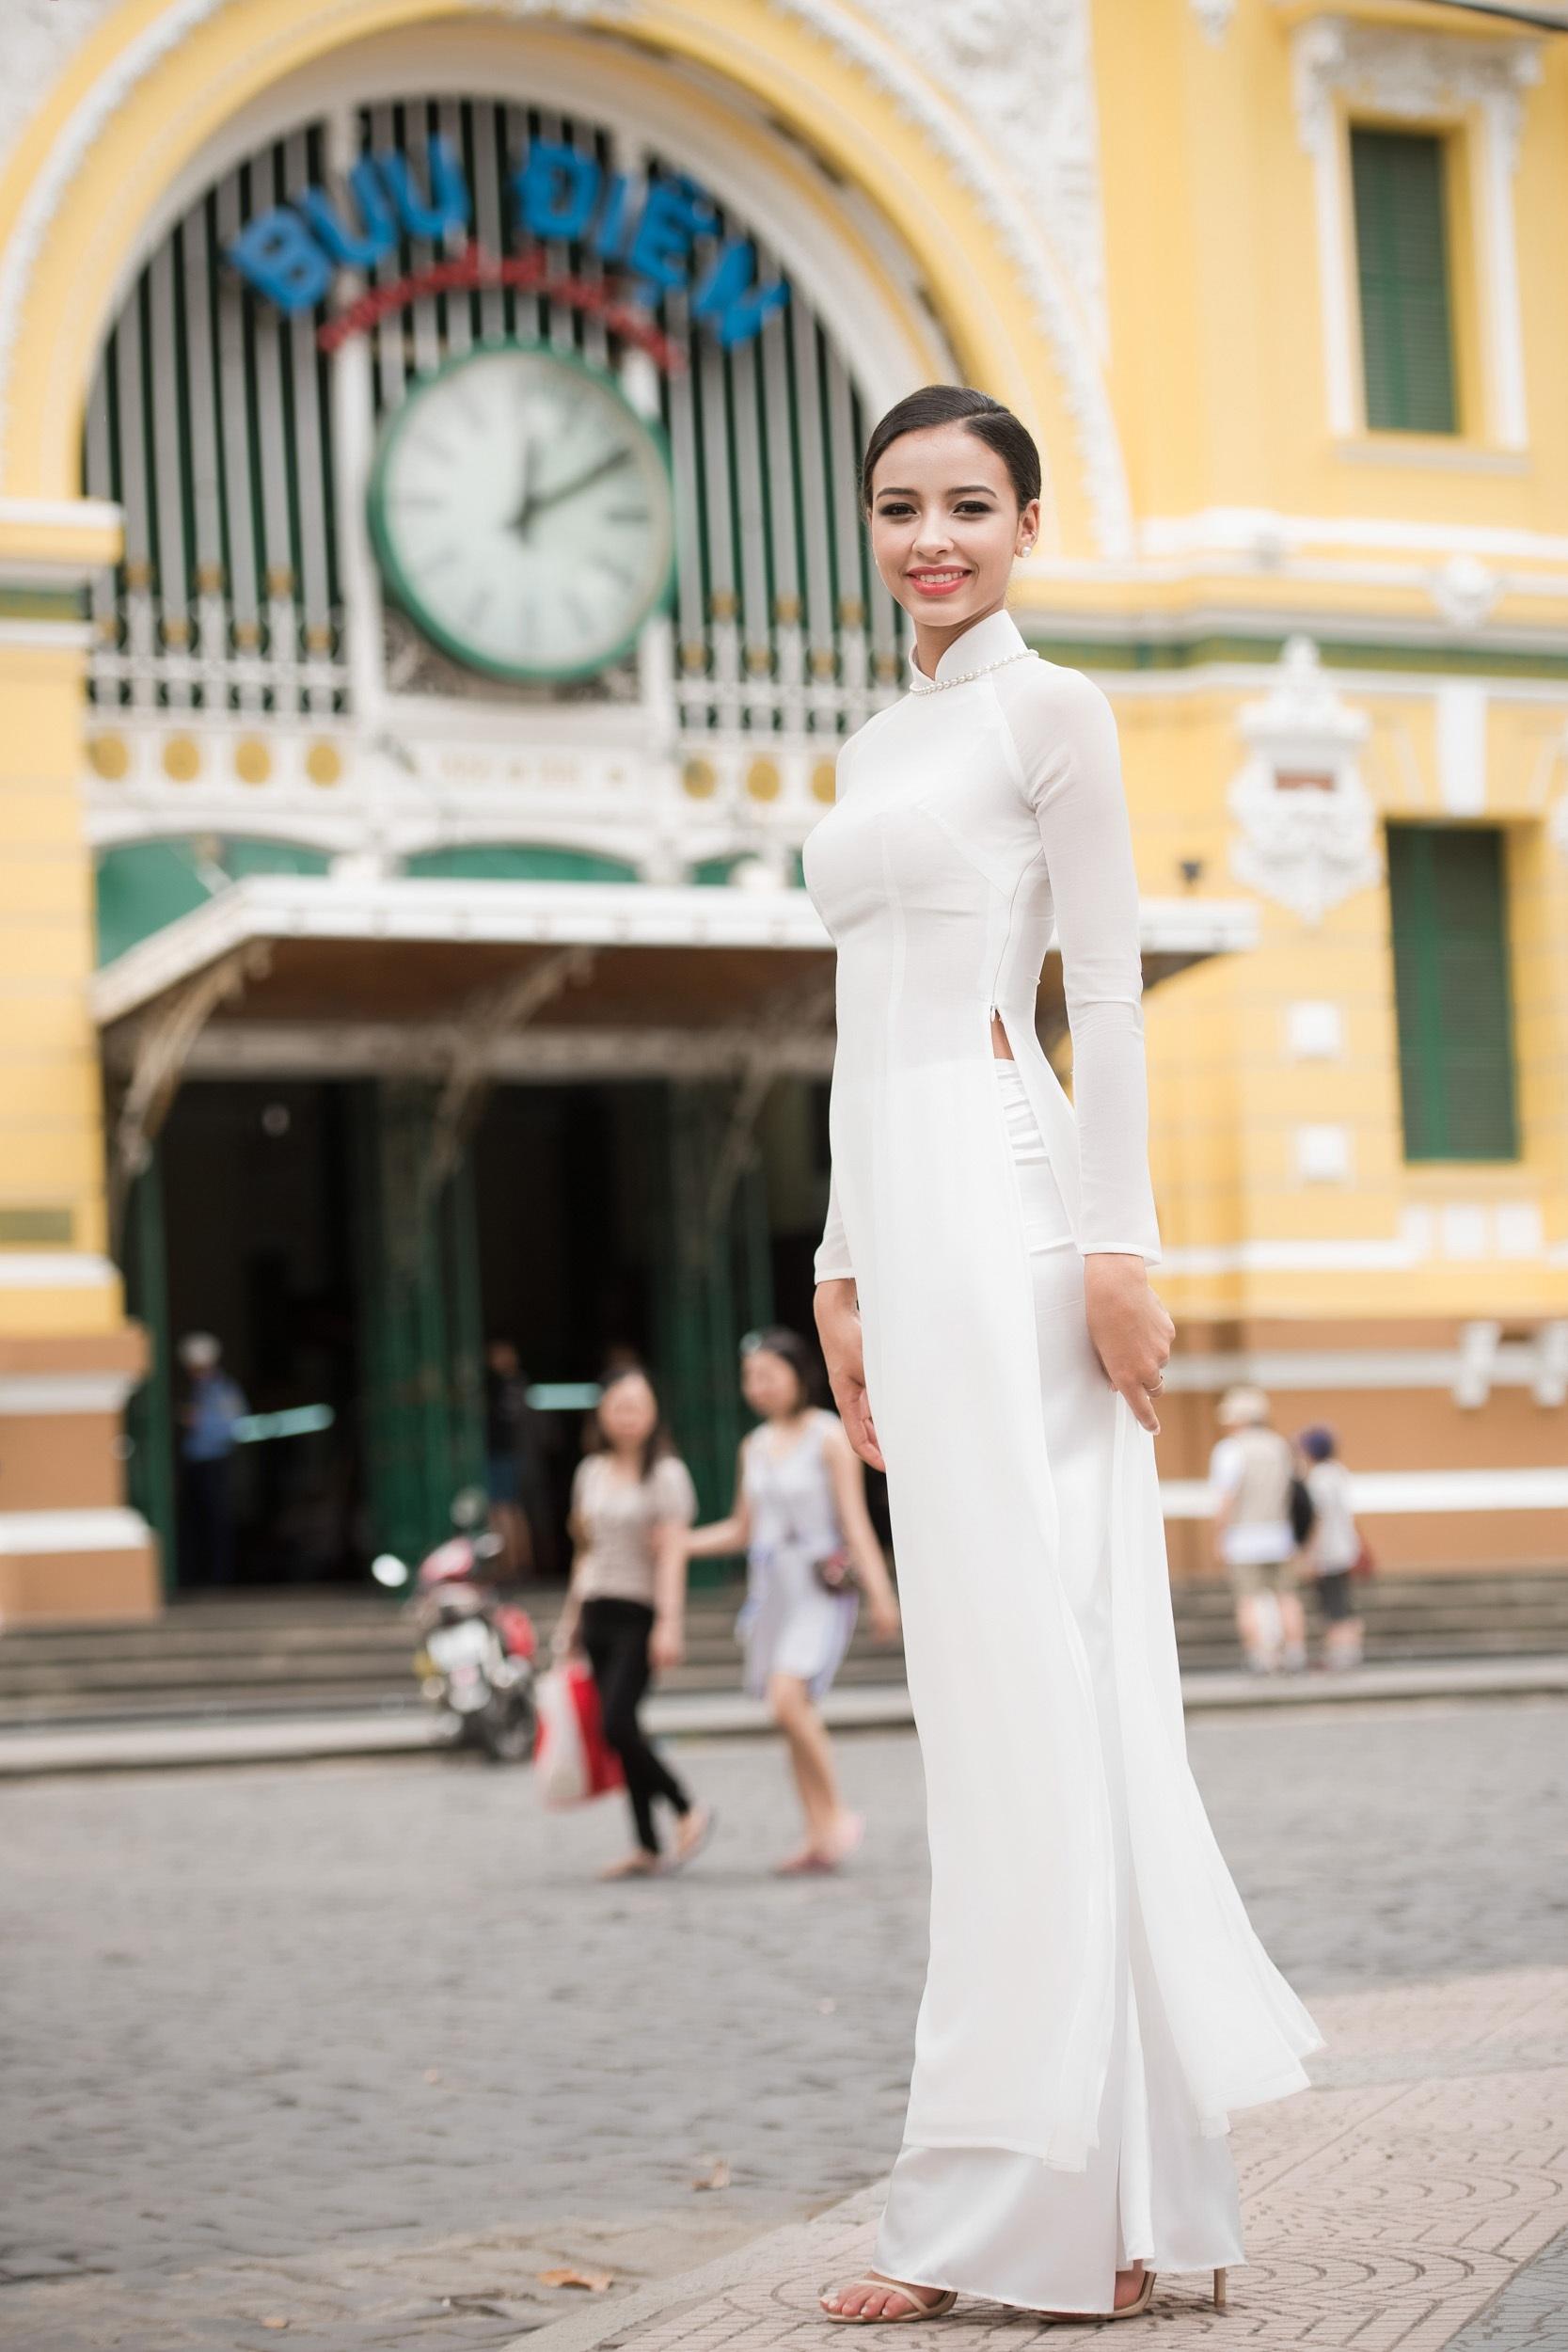 Sau đó họ chọn Nhà thờ Đức Bà và bưu điện thành phố để chụp hình. Bộ hình này cũng nằm trong việc quảng bá hình ảnh du lịch Việt Nam của Flora khi cô trở về nước Pháp.